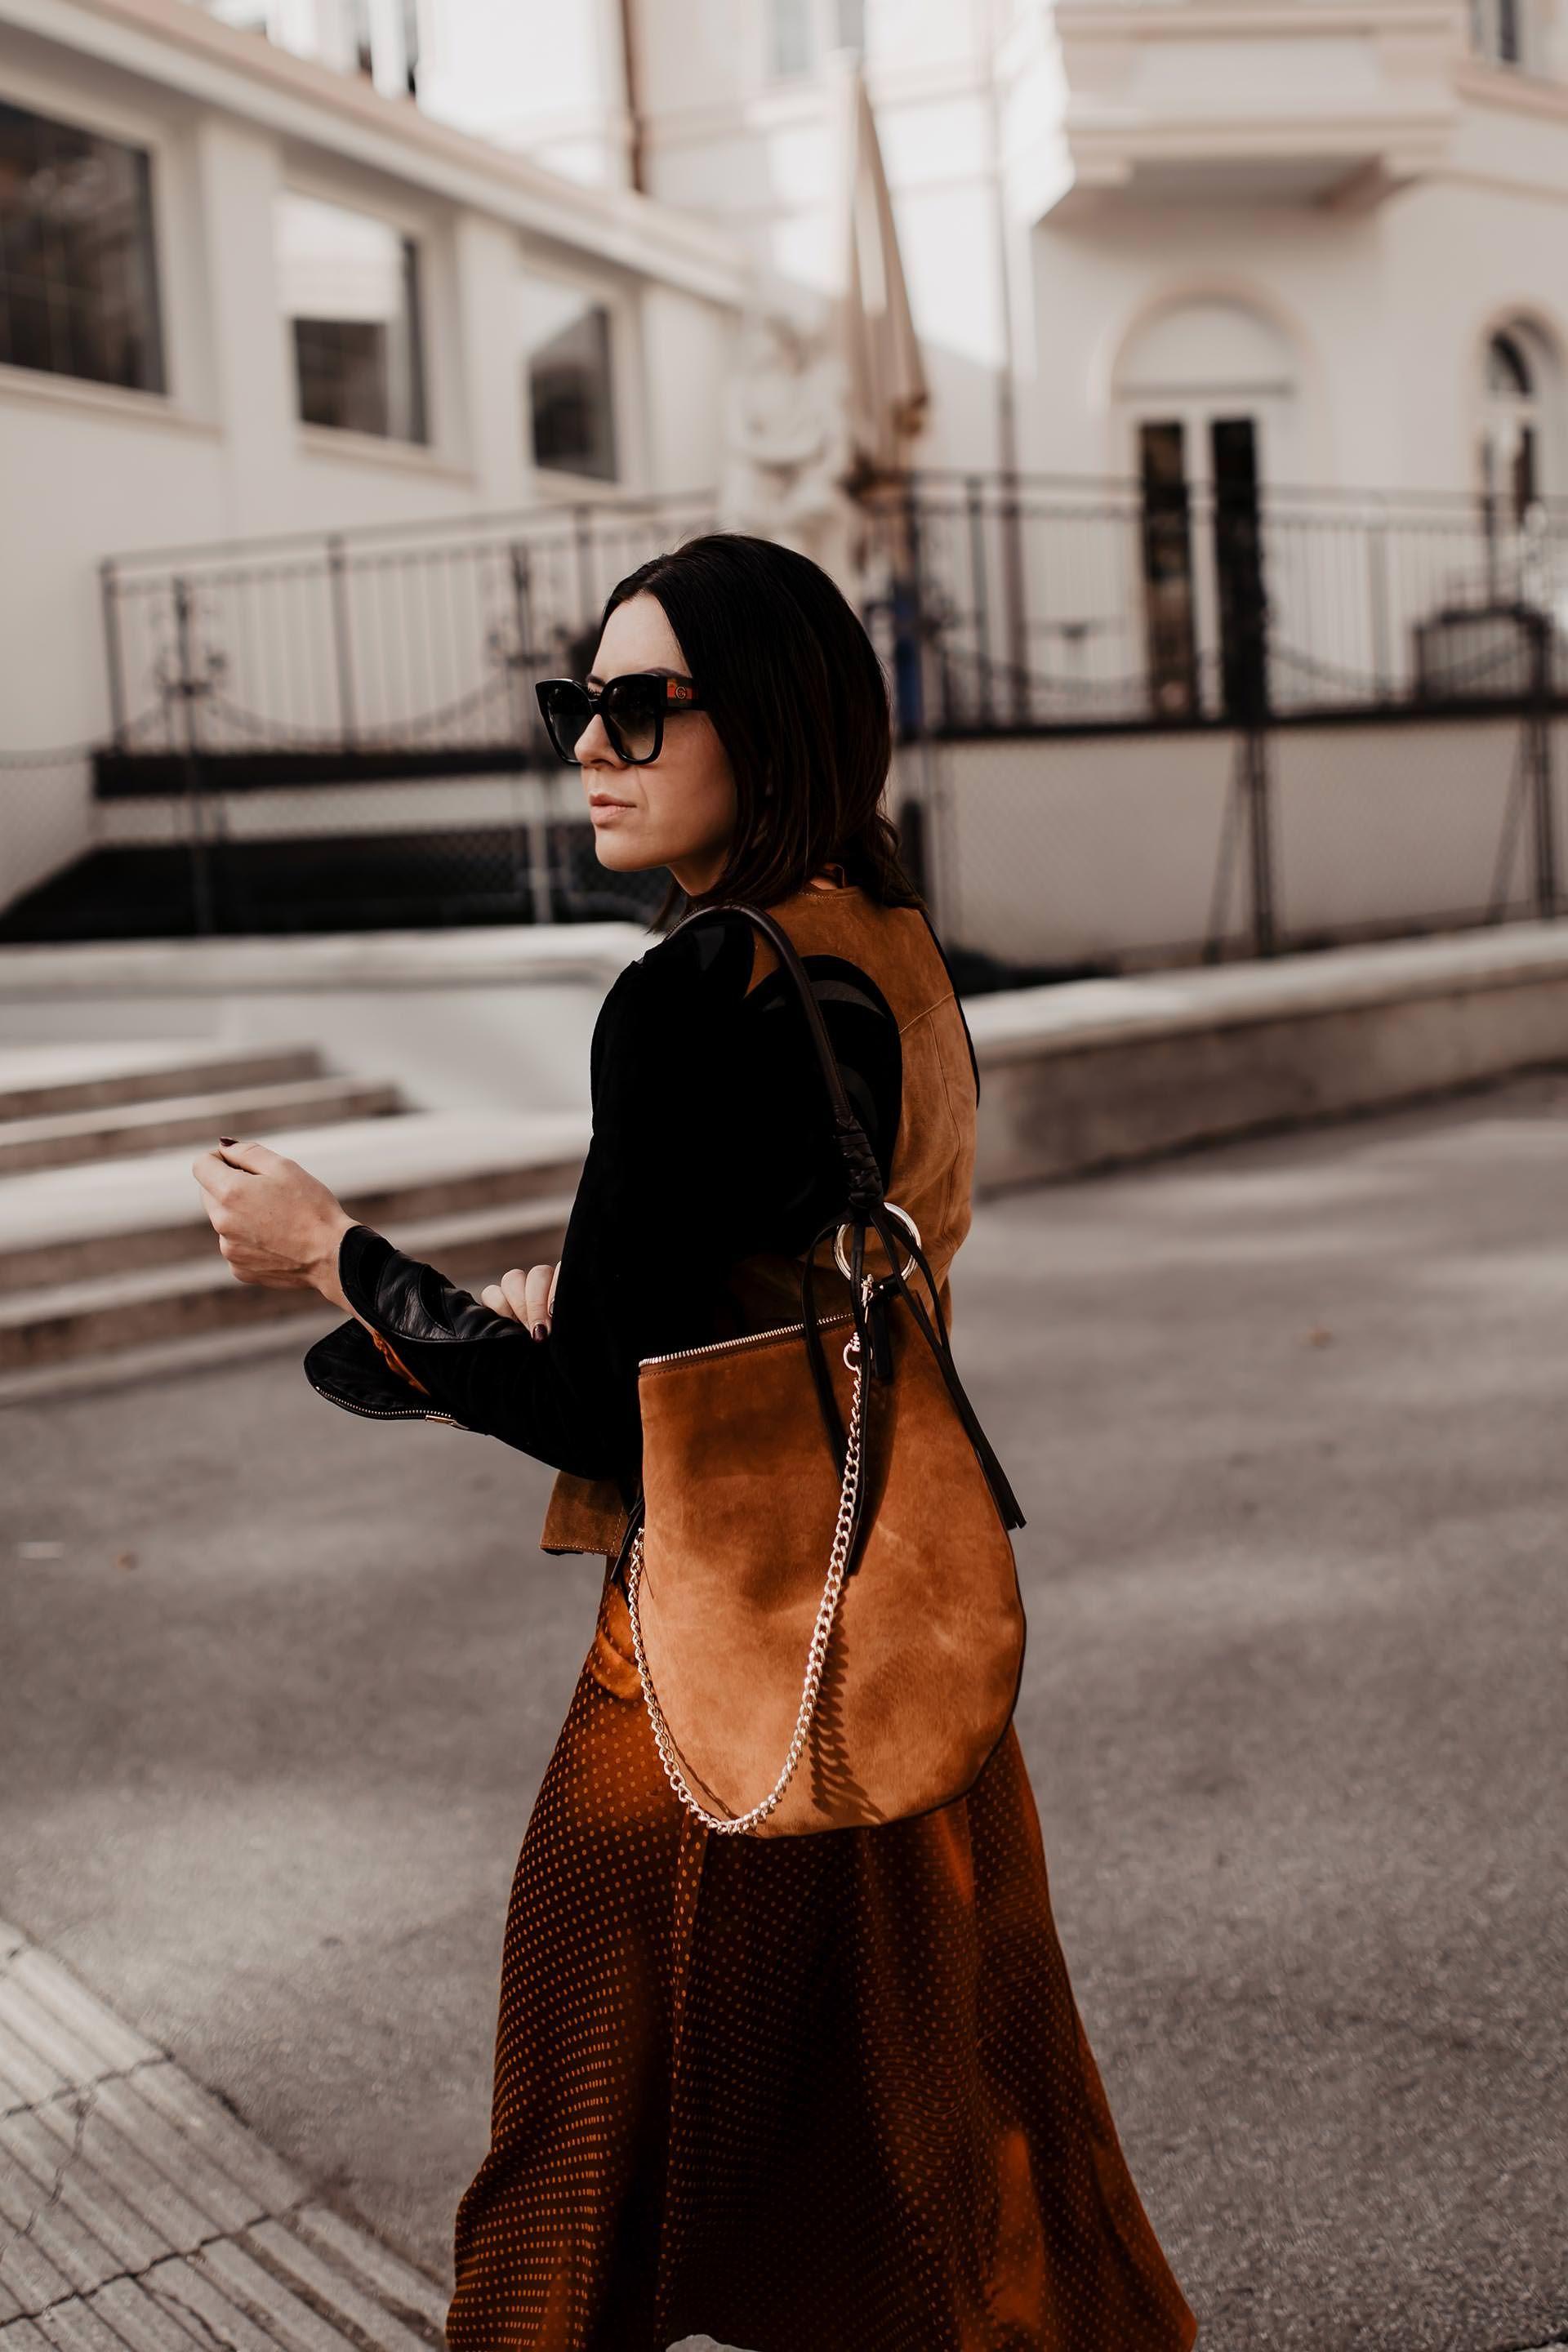 Mein Herbst Outfit Mit Midikleid Lederjacke Und Slouchy Boots Outfit Mode Und Kleidung Frauen